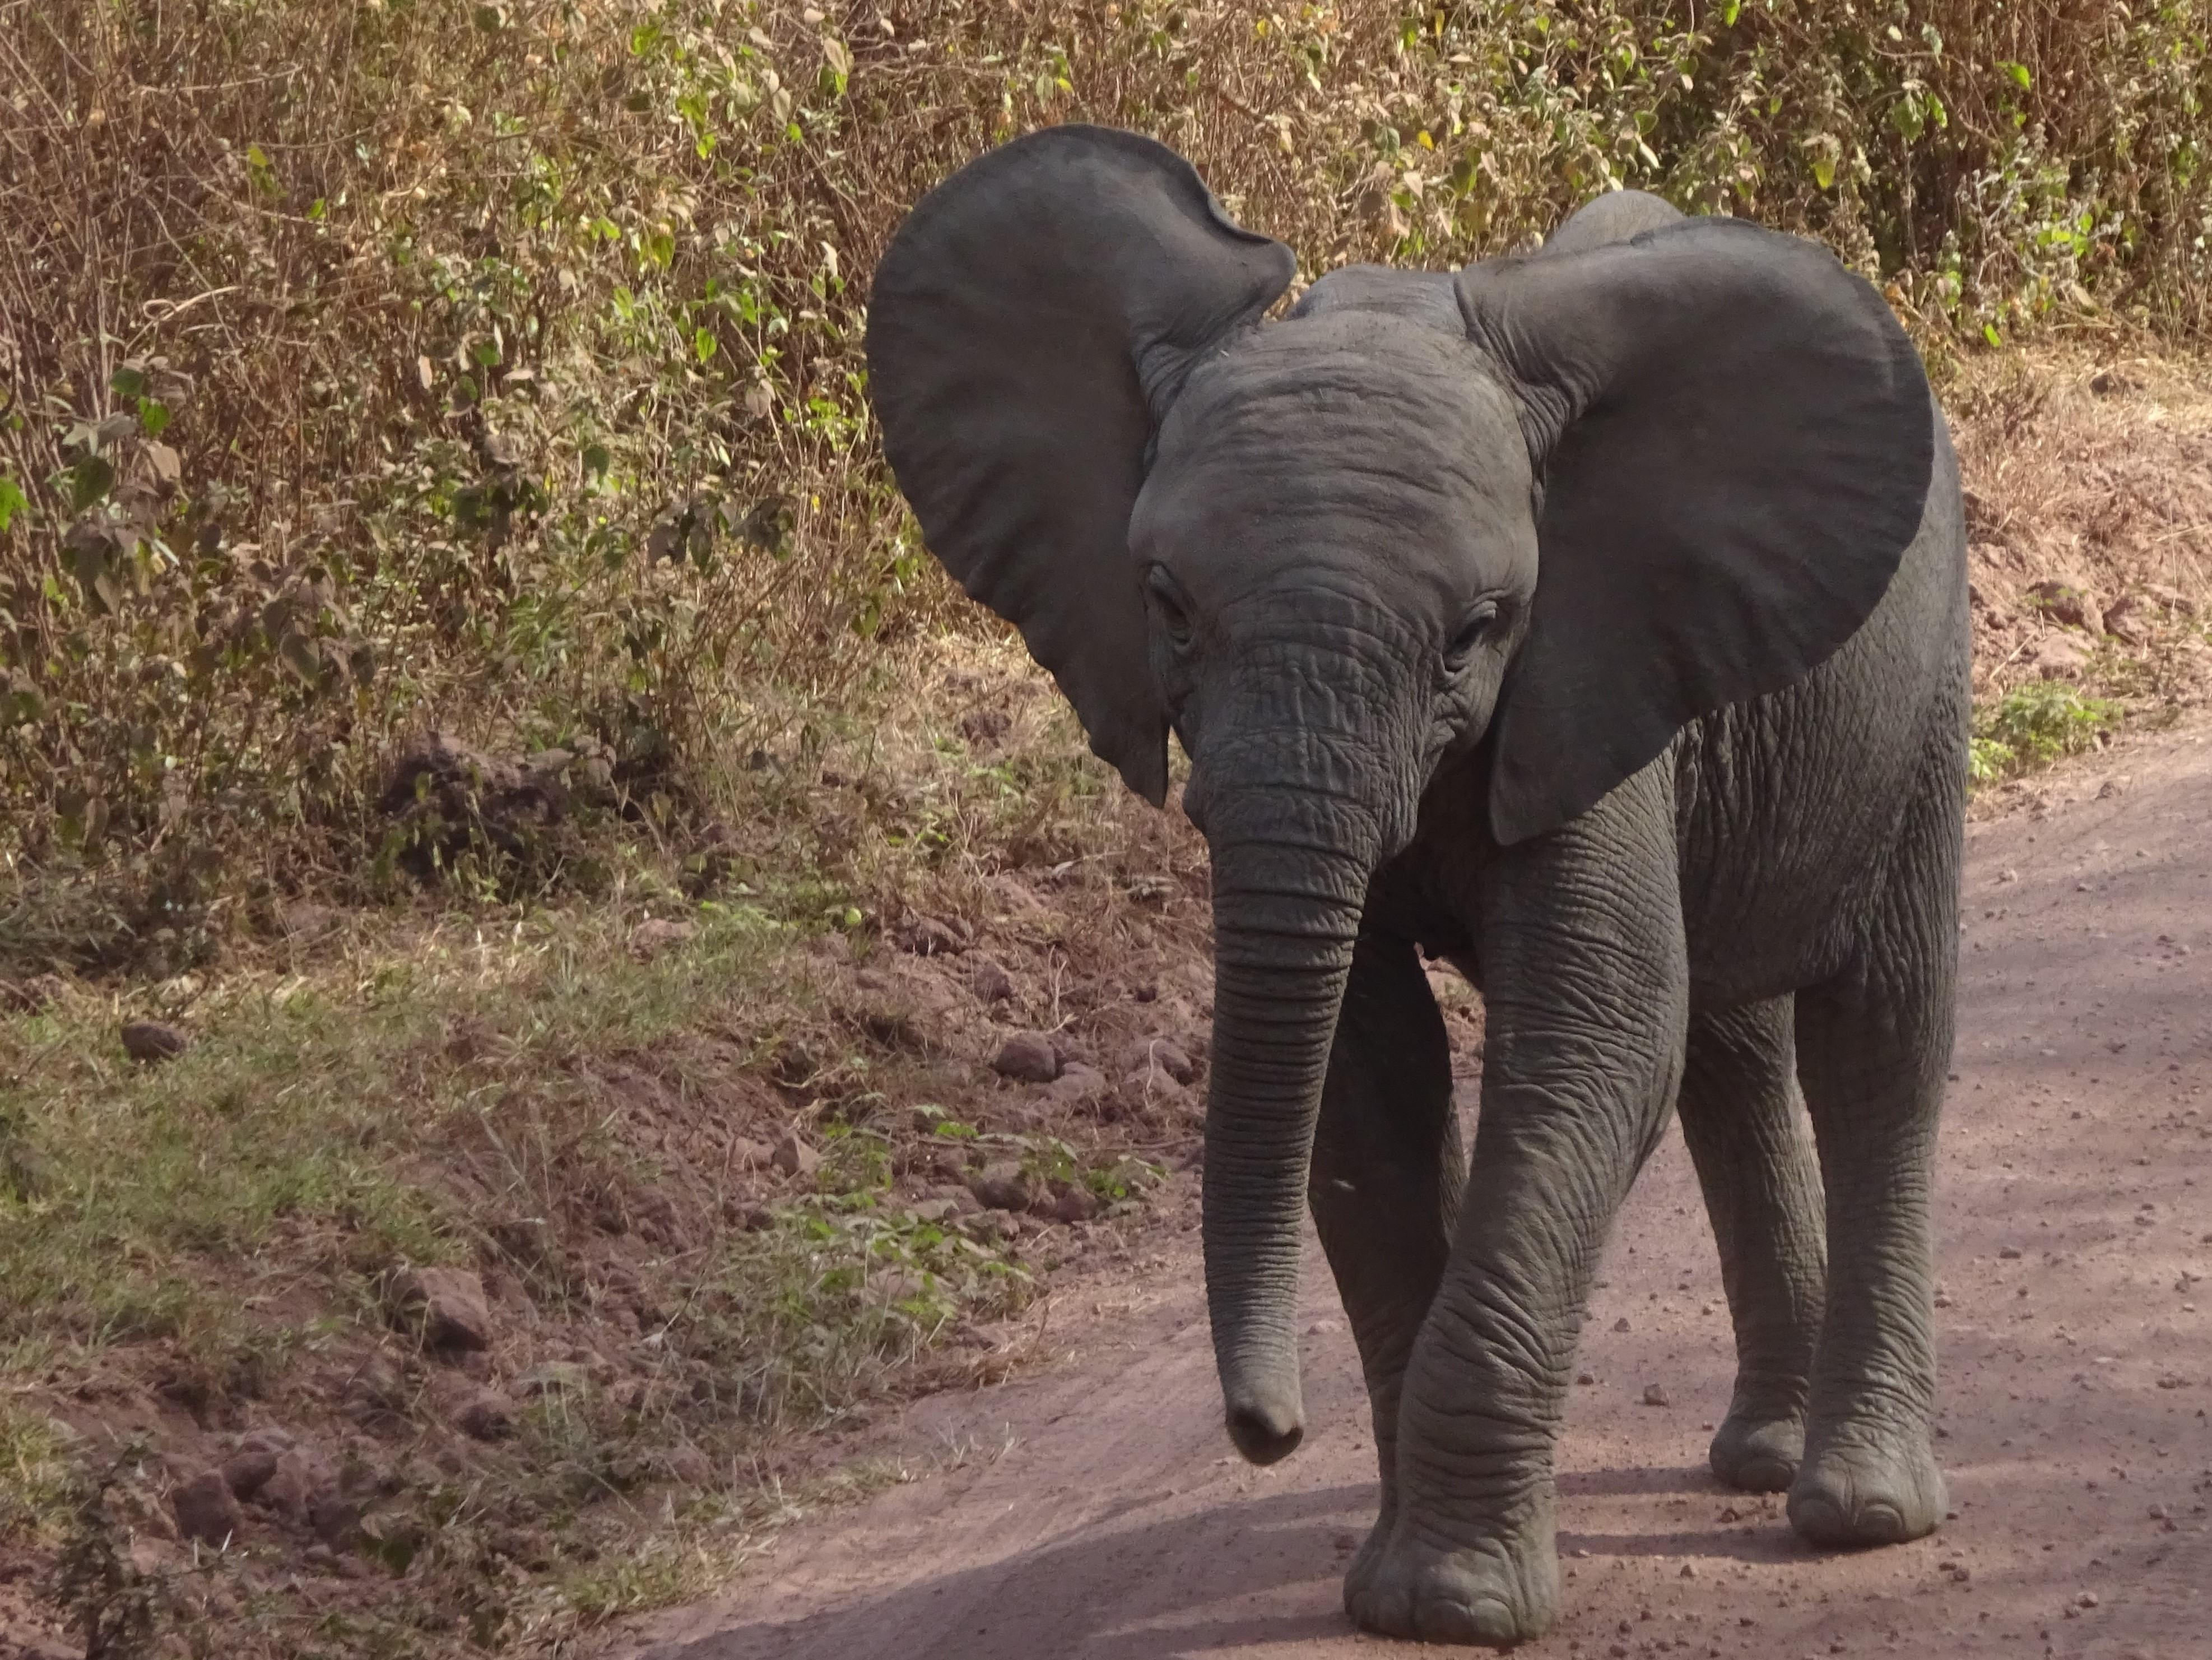 Rencontre avec un elephant tanzanie